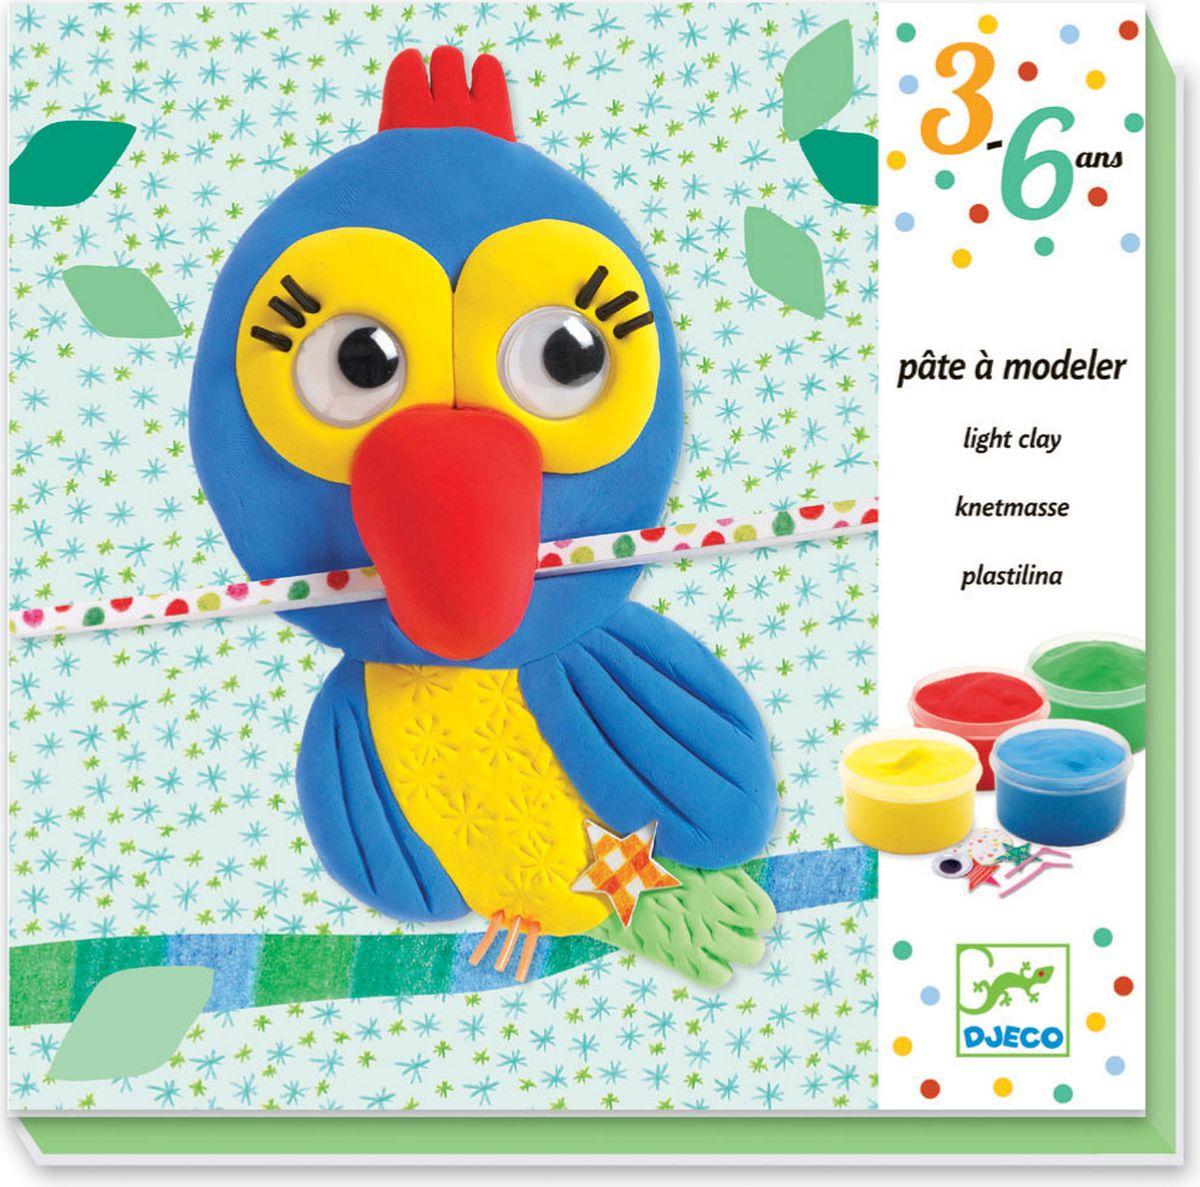 Набор пластилина Djeco Друзья станет прекрасным подарком для творческих детей. С этим набором ребенок научится создавать забавные картинки из пластилина, дополнять их различными яркими деталями – глазками, ножками, усиками, звездочками.В наборе пять картинок-основ, с помощью который ребенок создаст картинки с изображением забавных друзей: попугая, цыпленка, рыбки, бабочки и улитки. В конце можно будет дополнить картинки готовыми яркими элементами и подвижными глазками.Подробная инструкция с иллюстрациями поможет все сделать правильно. Картины получаются красочными, ими можно украсить комнату или подарить маме. Игры с пластилином способствуют развитию мелкой моторики, творческого мышления, усидчивости.